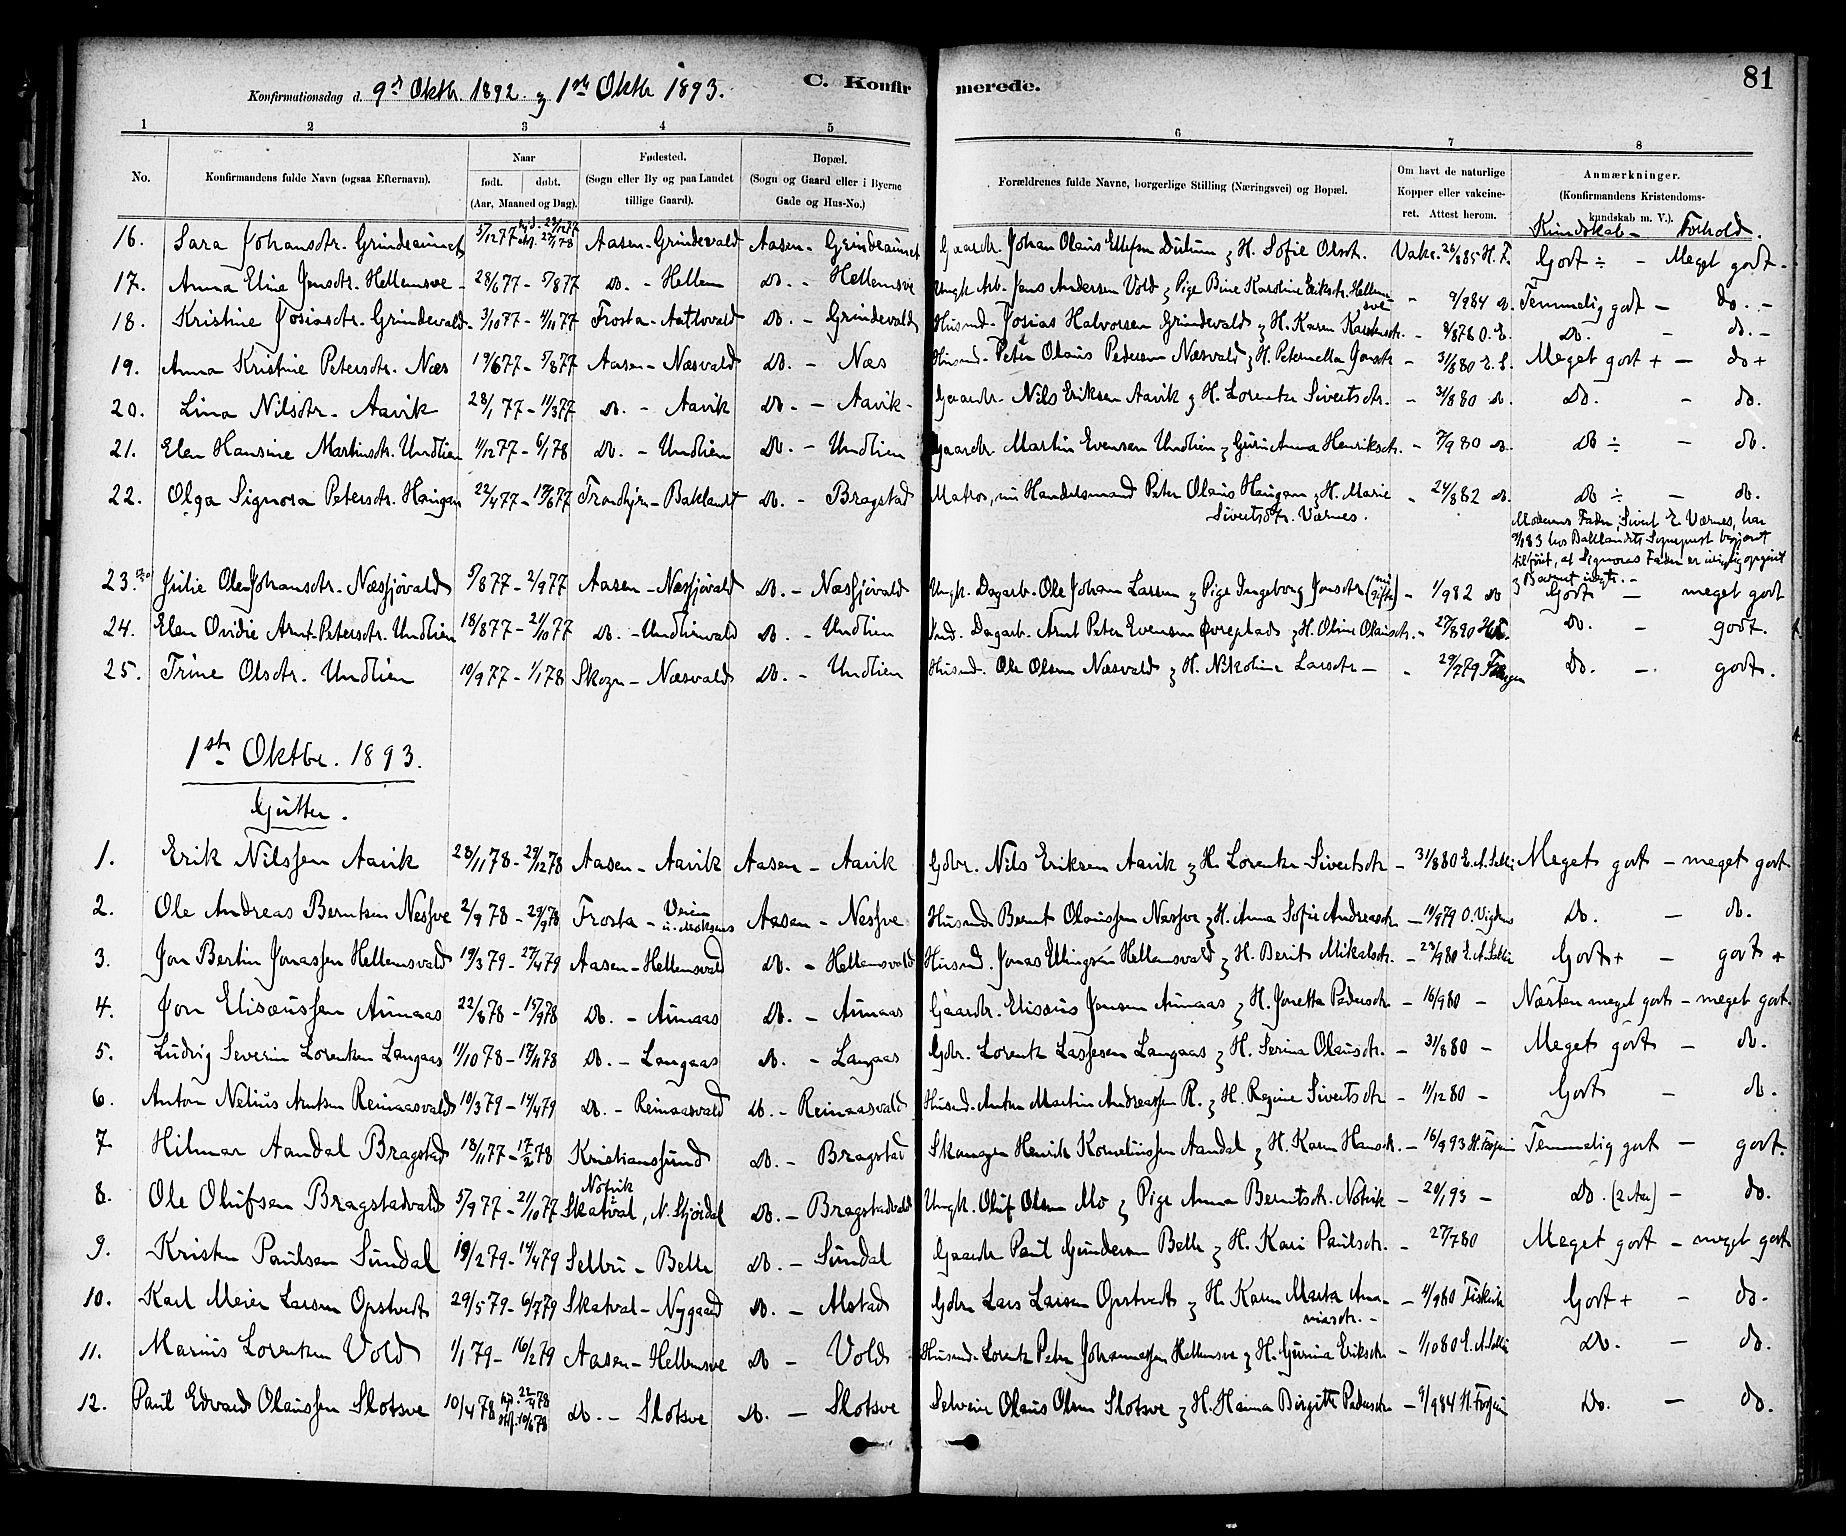 SAT, Ministerialprotokoller, klokkerbøker og fødselsregistre - Nord-Trøndelag, 714/L0130: Ministerialbok nr. 714A01, 1878-1895, s. 81